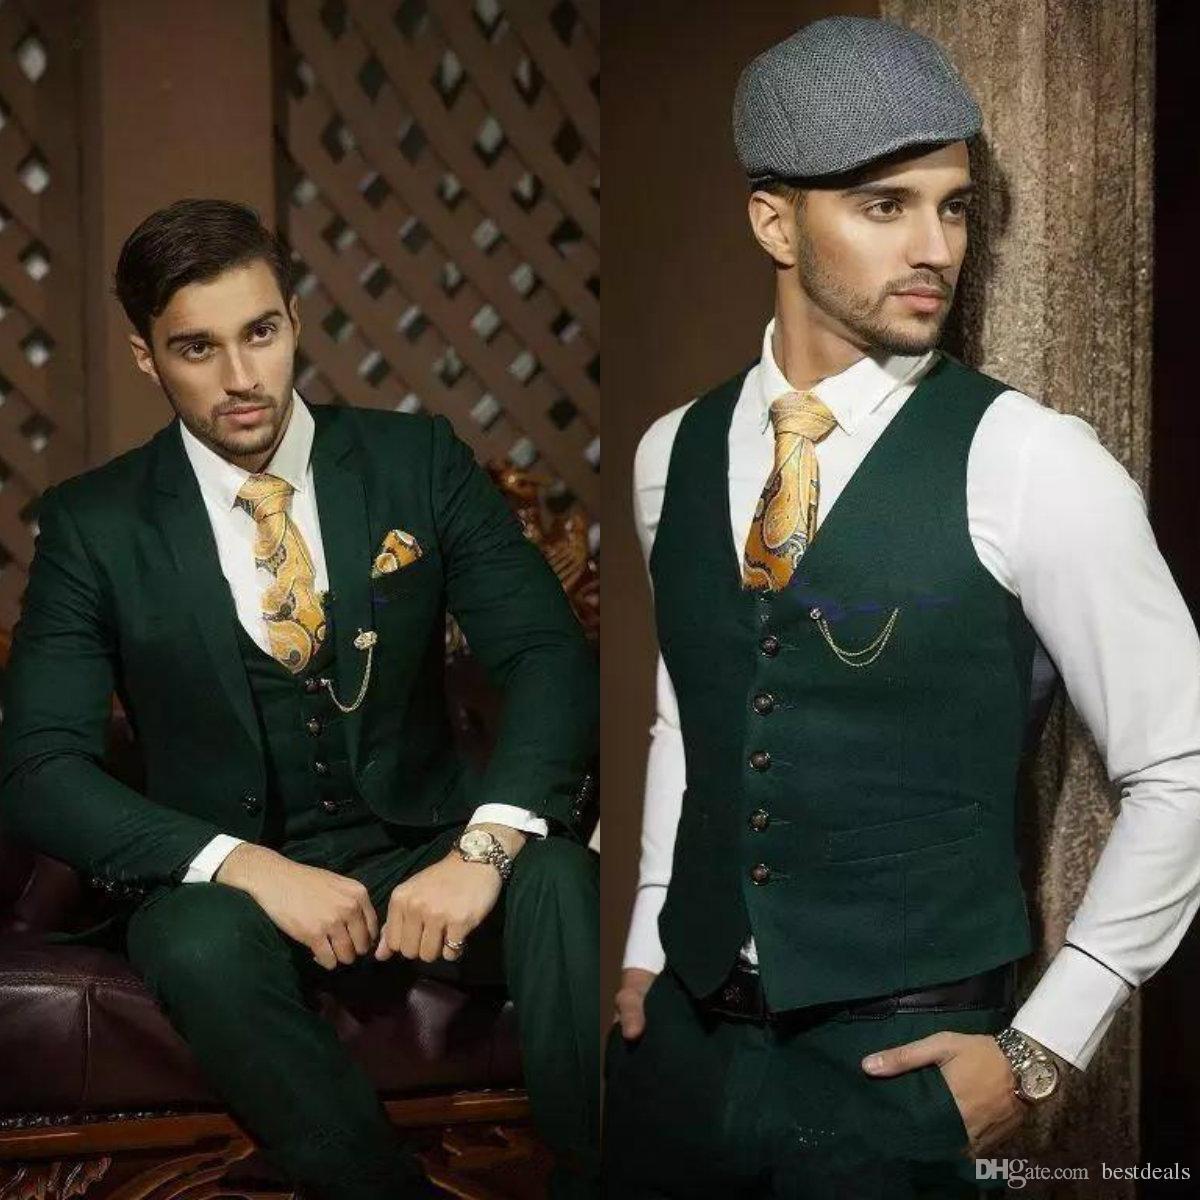 هنتر الأخضر الرجال الدعاوى السترة العريس البدلات الرسمية الشق التلبيب يتأهل العريس الرسمي ارتداء أفضل رجل دعوى لحفلات الزفاف (سترة + سروال + سترة)